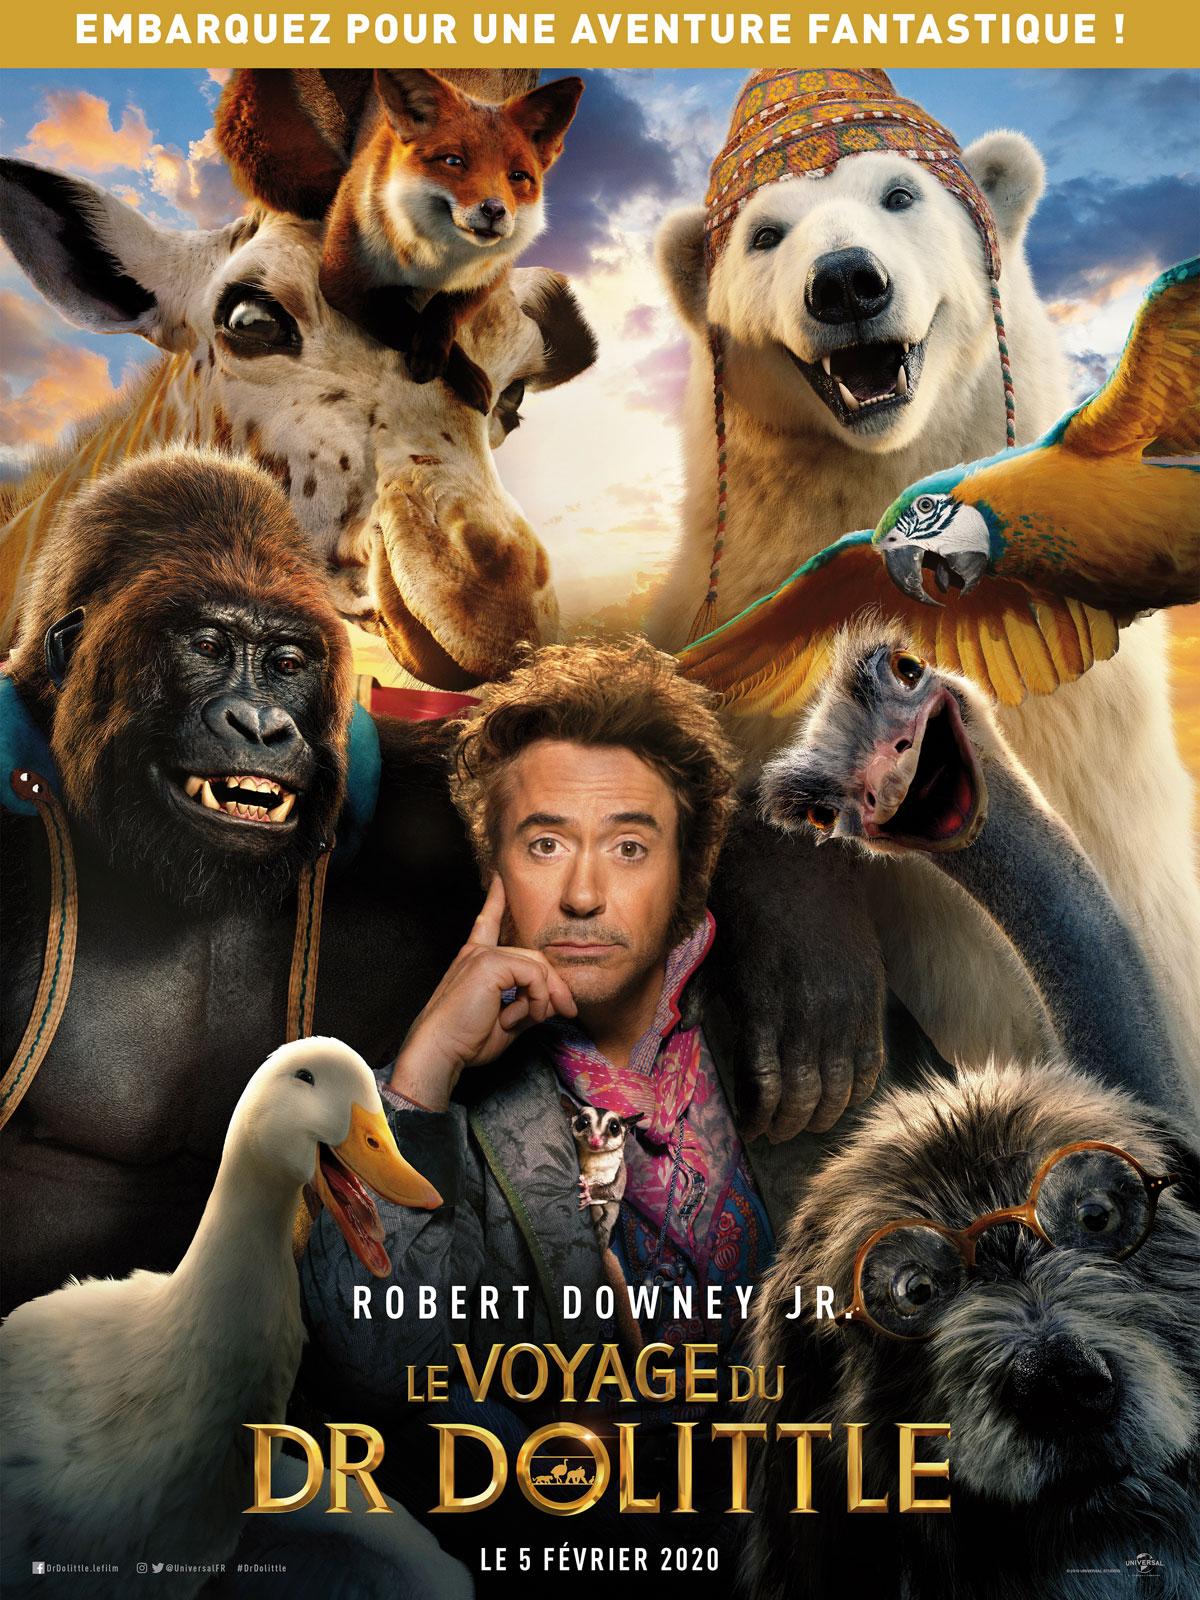 Le Voyage du Dr Dolittle - film 2020 - AlloCiné